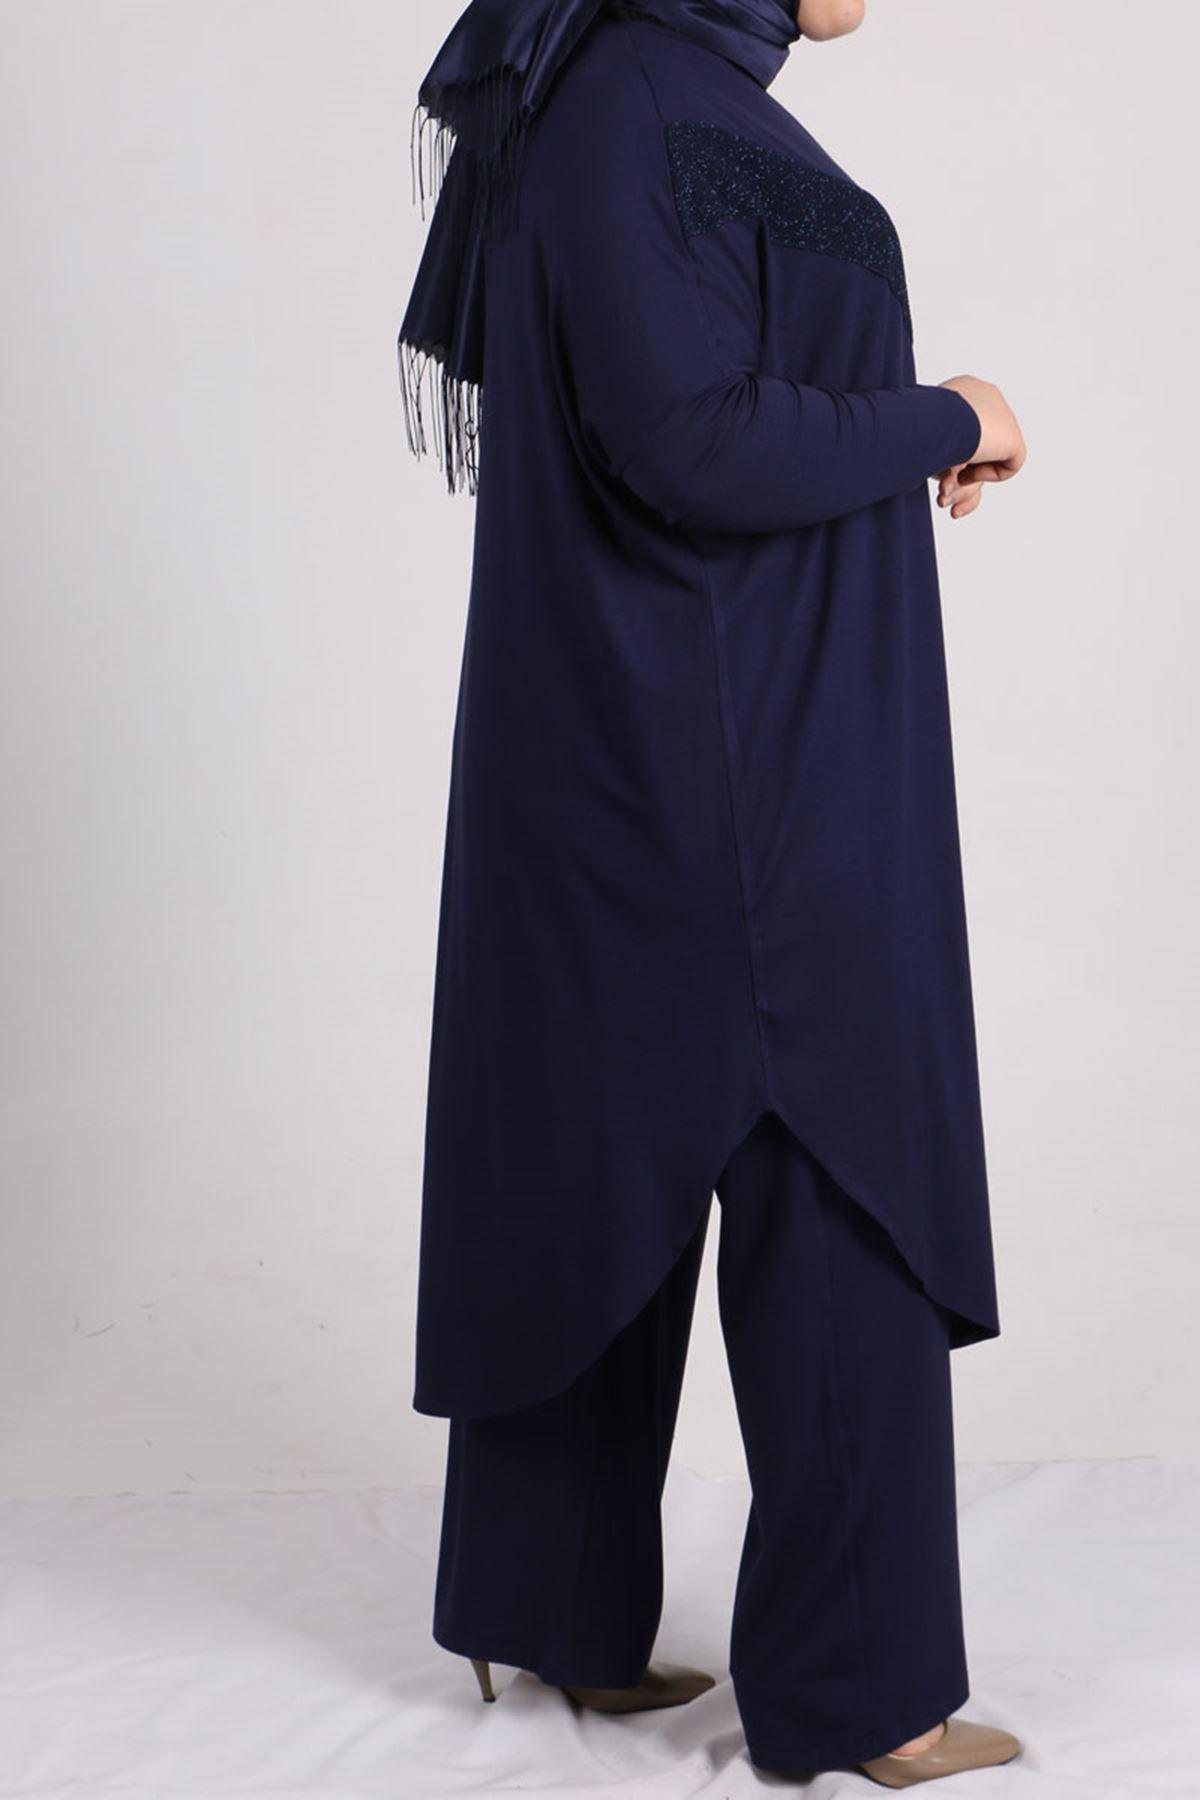 7697 Büyük Beden Fukuro Detaylı Penye Pantolonlu Takım - Lacivert